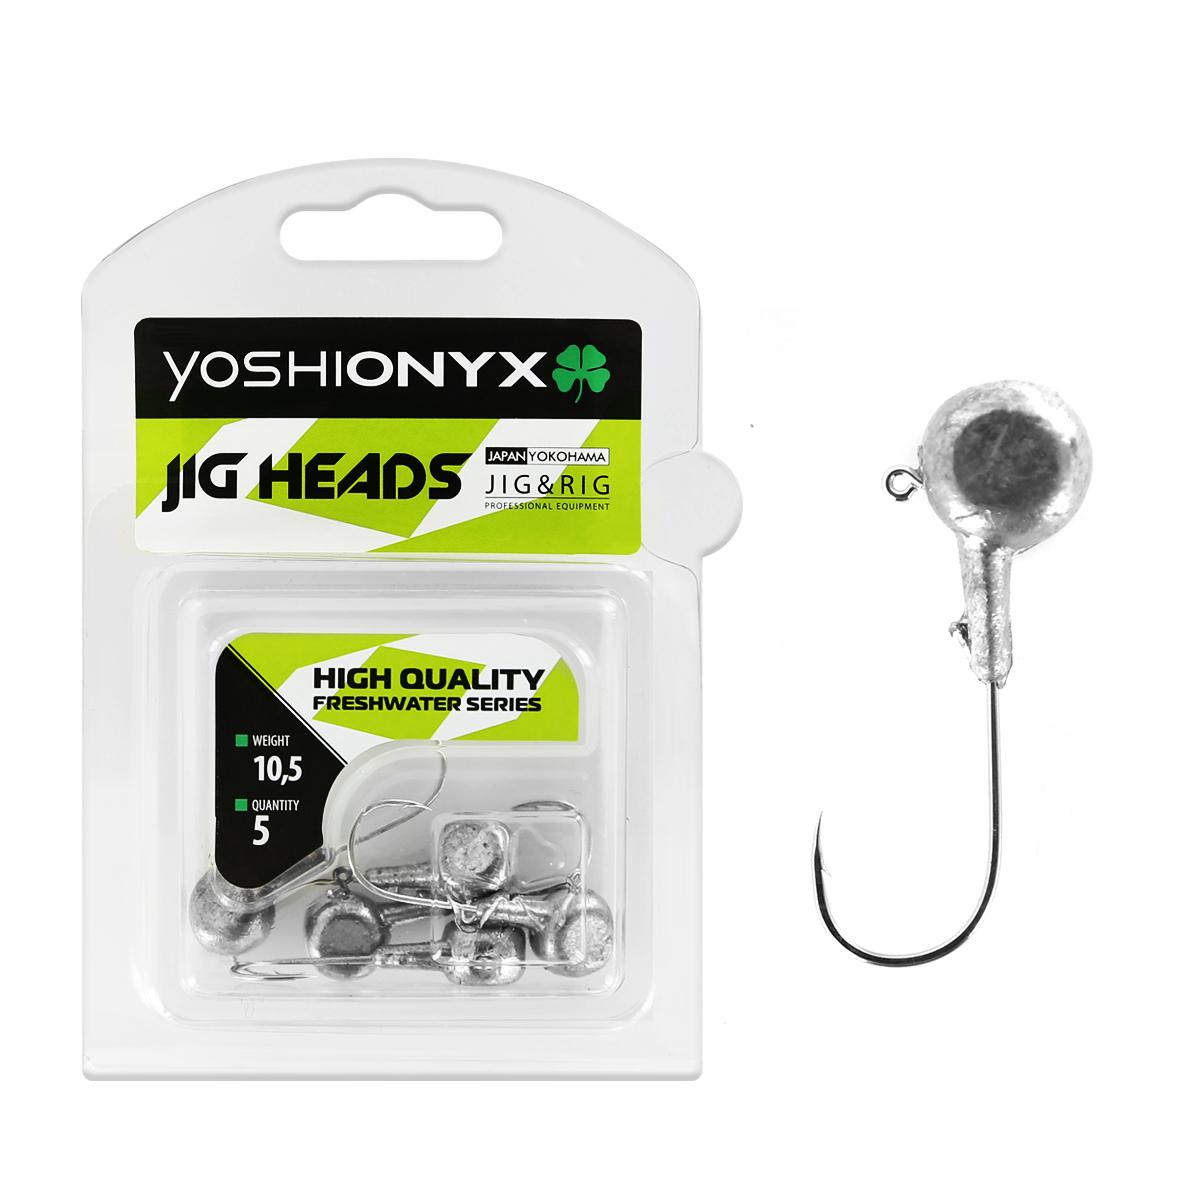 Джиг-головка Yoshi Onyx JIG Bros. Аспирин, крючок Gamakatsu, 10,5 г, 5 шт